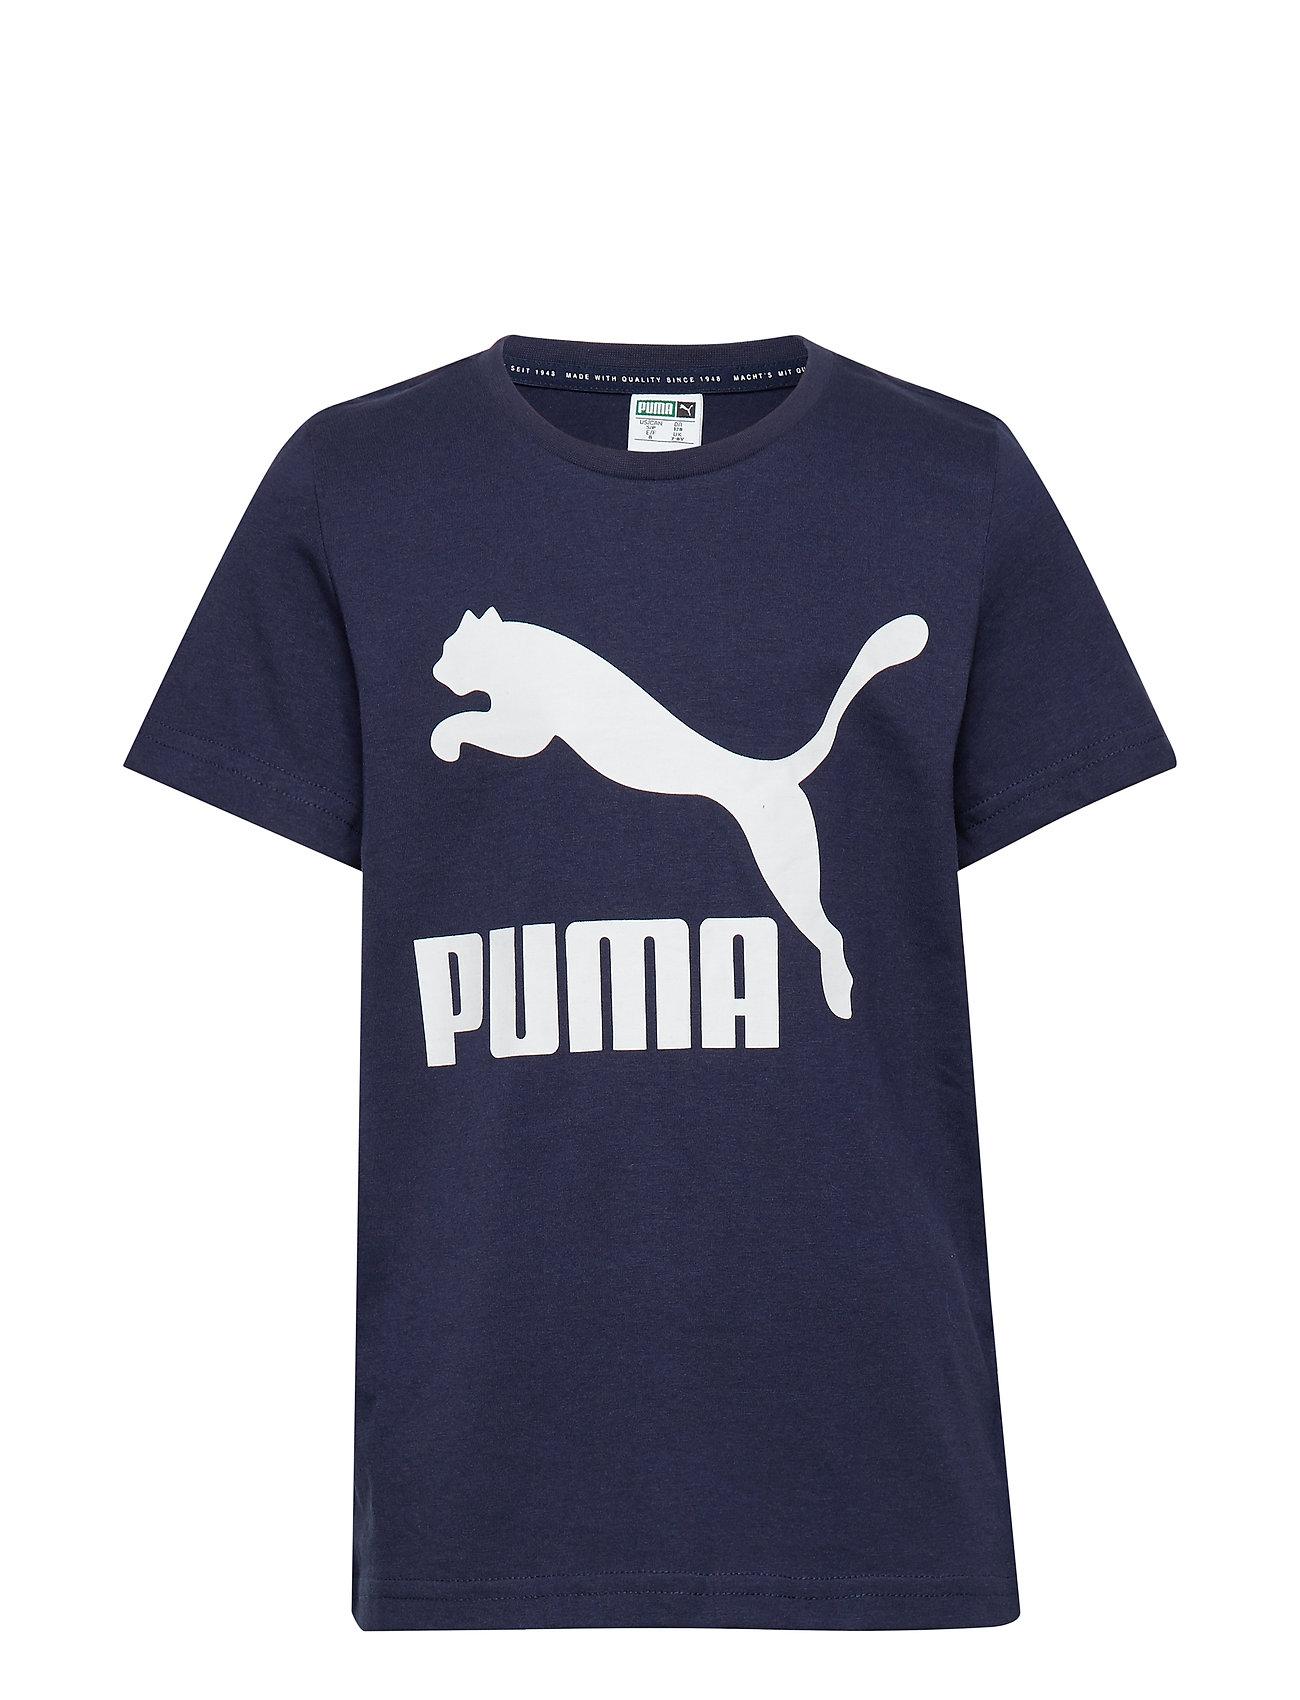 PUMA Classics Logo Tee B - PEACOAT